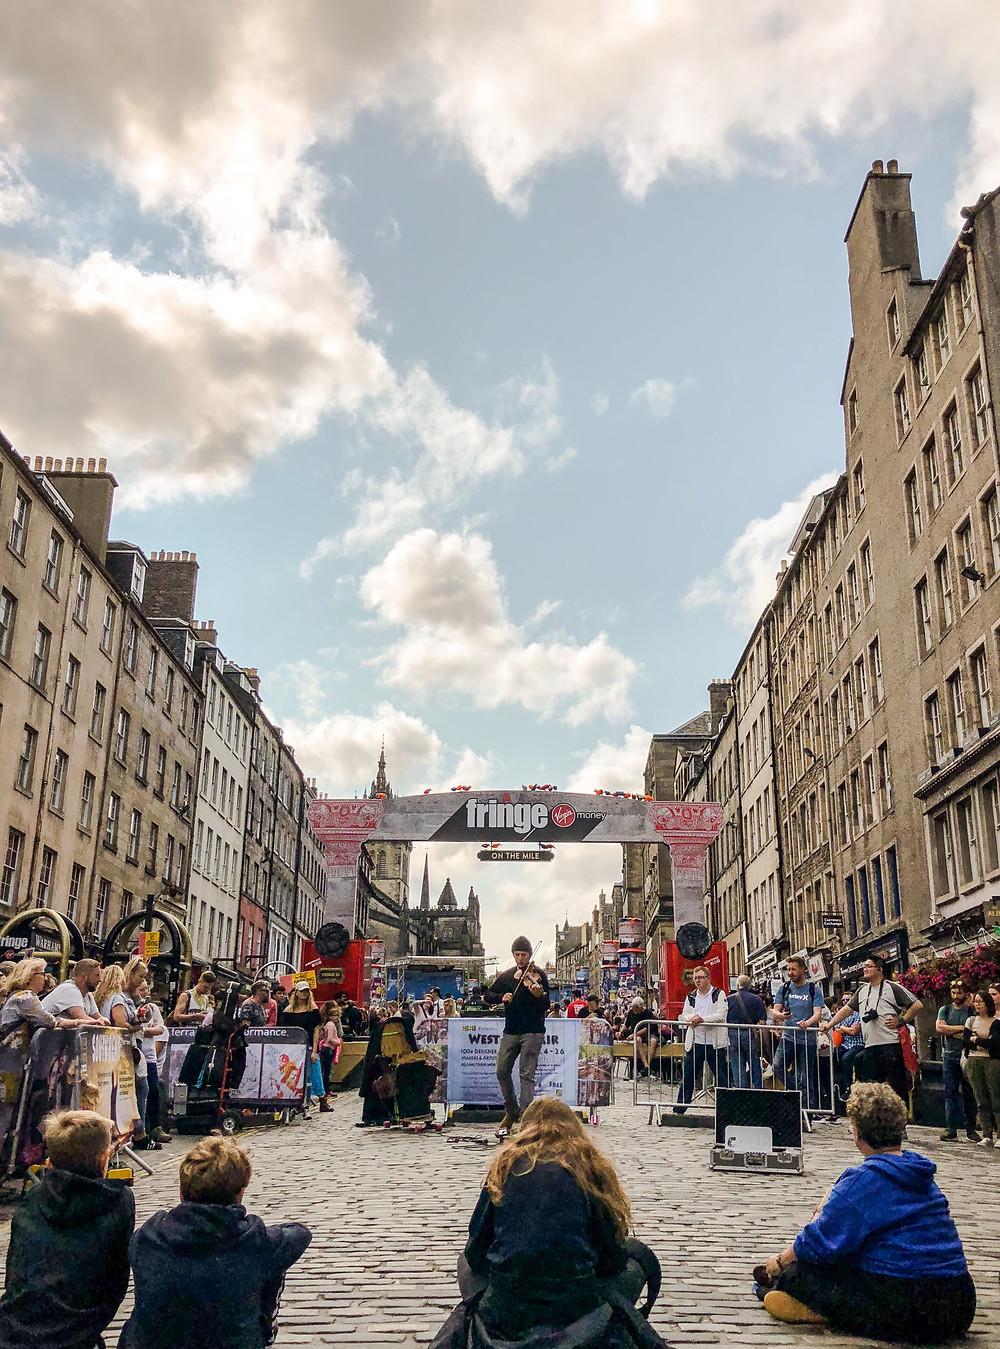 每年八月,全球藝人藝團雲集愛丁堡,與觀眾分享創作喜悅。